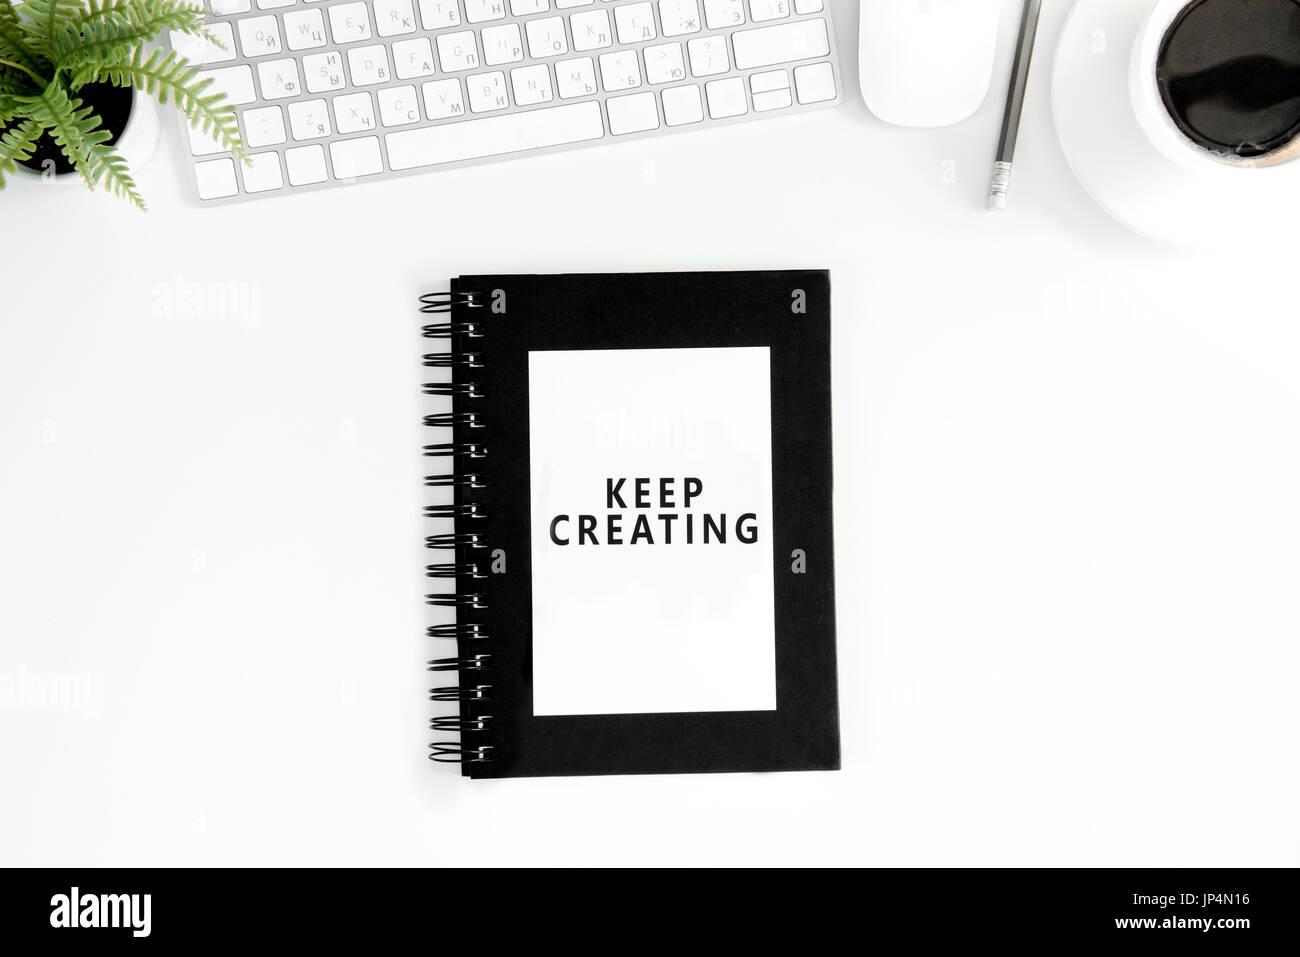 Plana con laicos mantener crearing motivacional sobre presupuesto diario, de teclado y de ratón de ordenador aislado en blanco Imagen De Stock